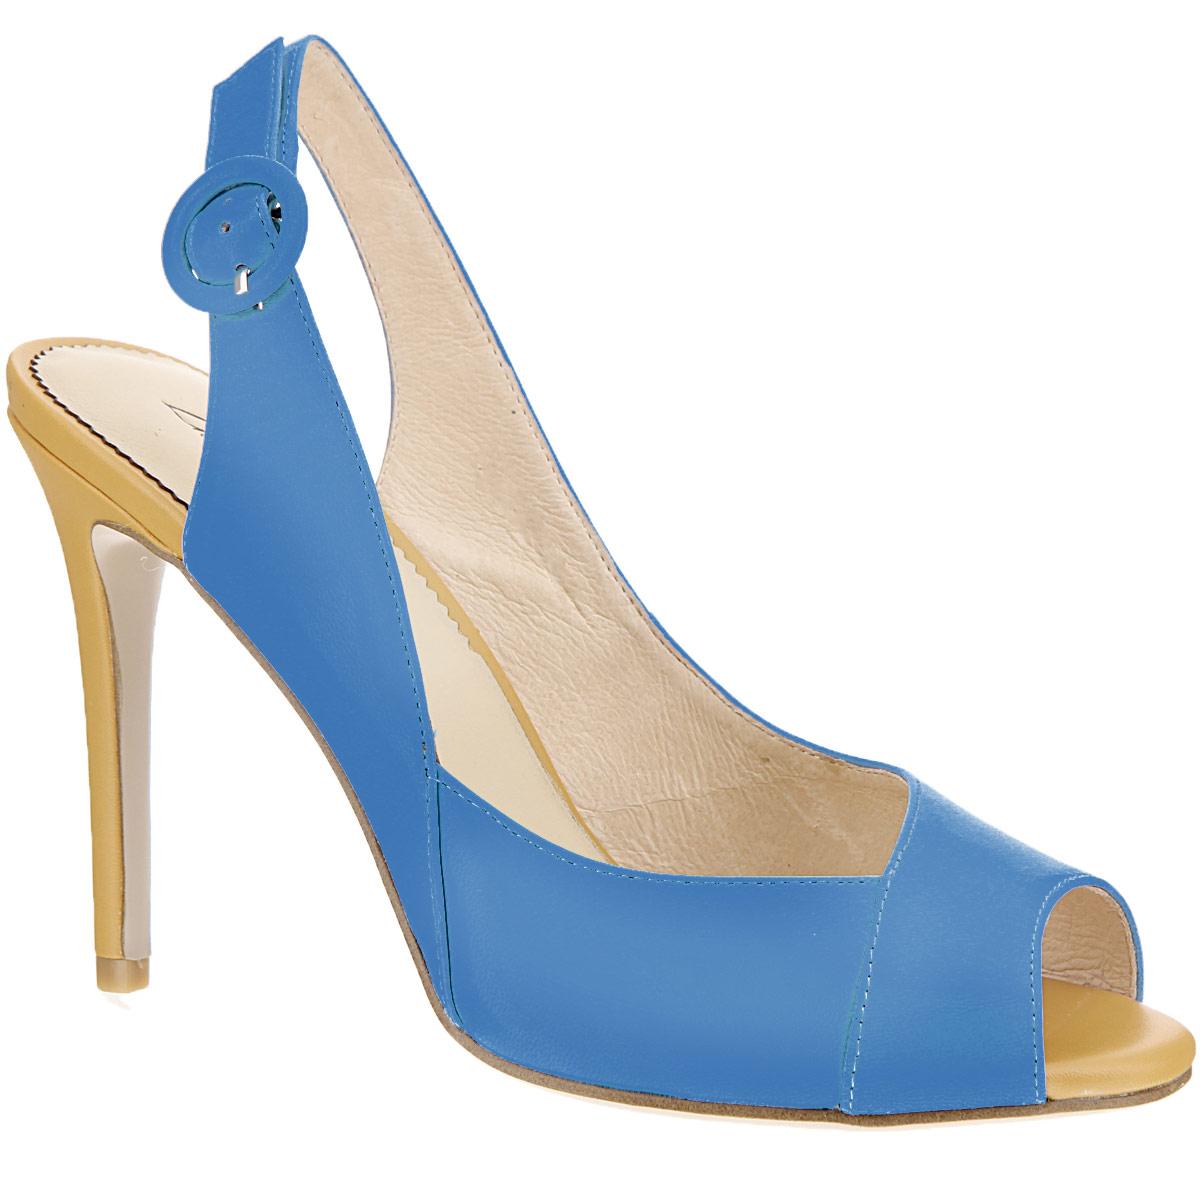 Босоножки женские. CZL145-5BCZL145-5BСтильные босоножки на шпильке от Lisette станут прекрасным дополнением летнего гардероба. Верх модели и внутренняя часть выполнены из натуральной кожи. Босоножки с открытым носком и пяткой надежно фиксирует на ноге ремешок с металлической пряжкой, обтянутой кожей в тон изделия. Каблук выполнен в контрастном цвете. Подошва выполнена из прочной резины с нескользящим рифлением. Такие босоножки сделают вас ярче и подчеркнут вашу индивидуальность.